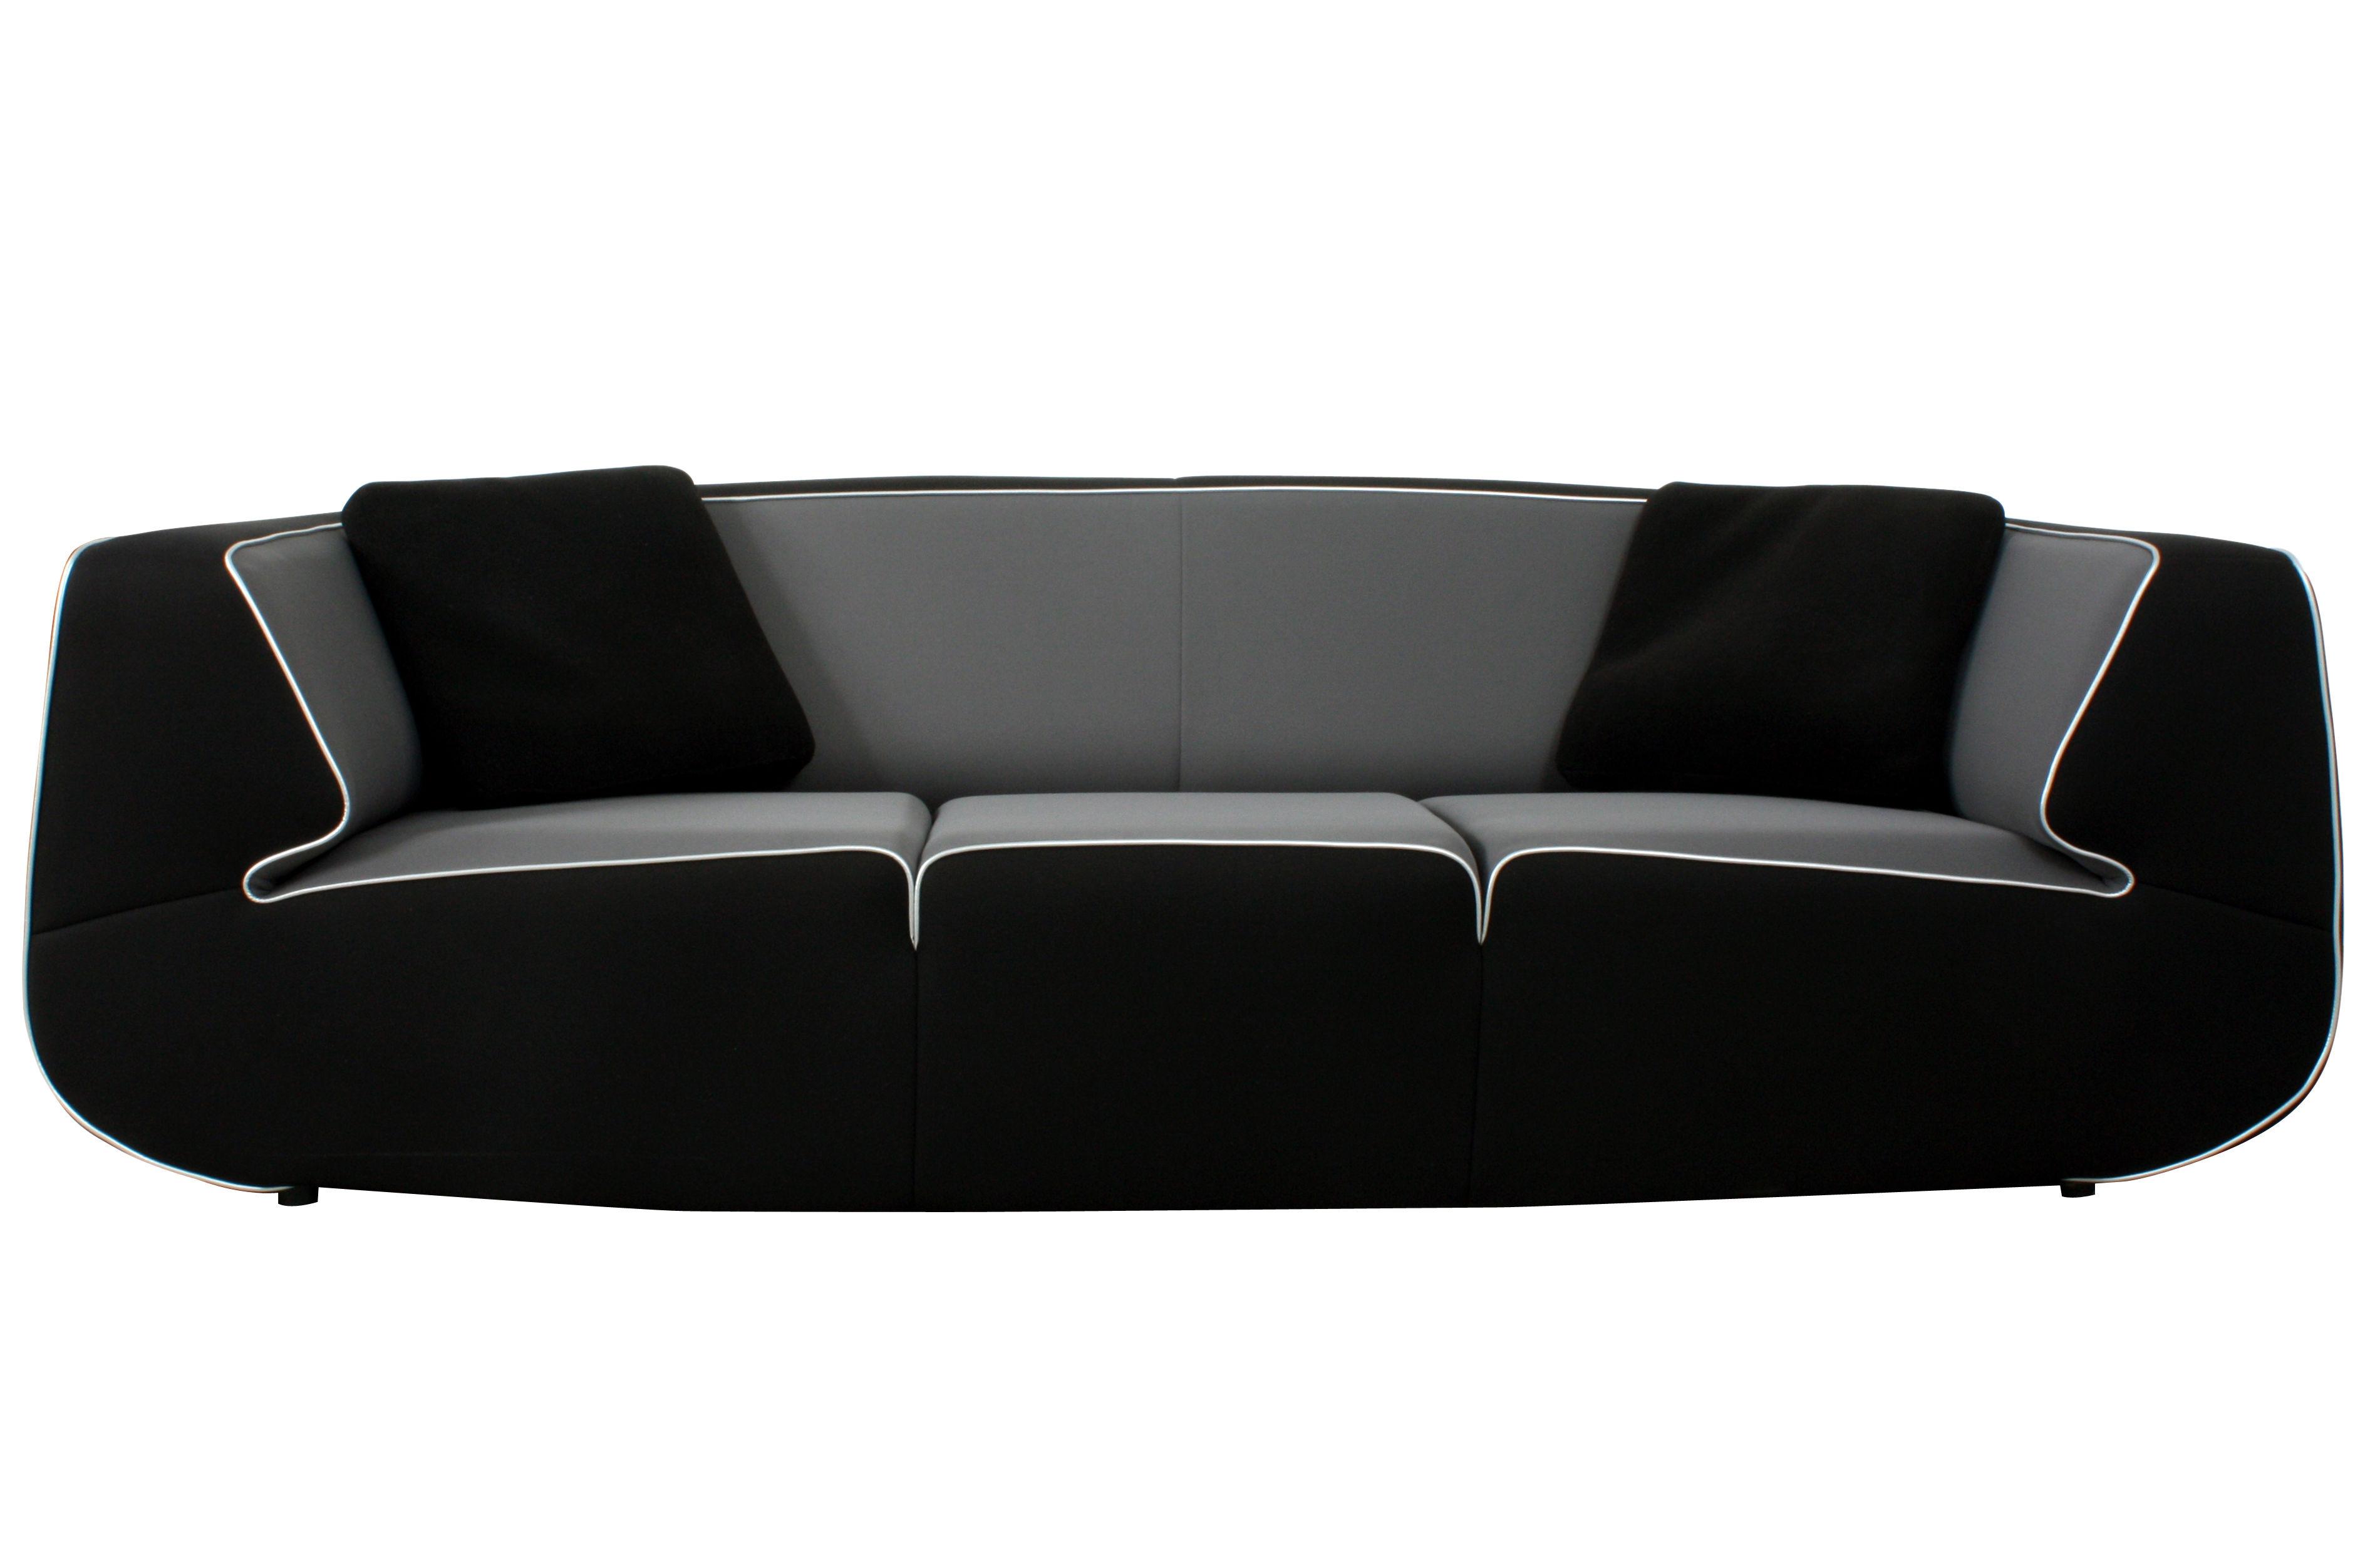 canap bump by ora ito xl 3 places l 238 cm noir gris passepoil argent dunlopillo. Black Bedroom Furniture Sets. Home Design Ideas